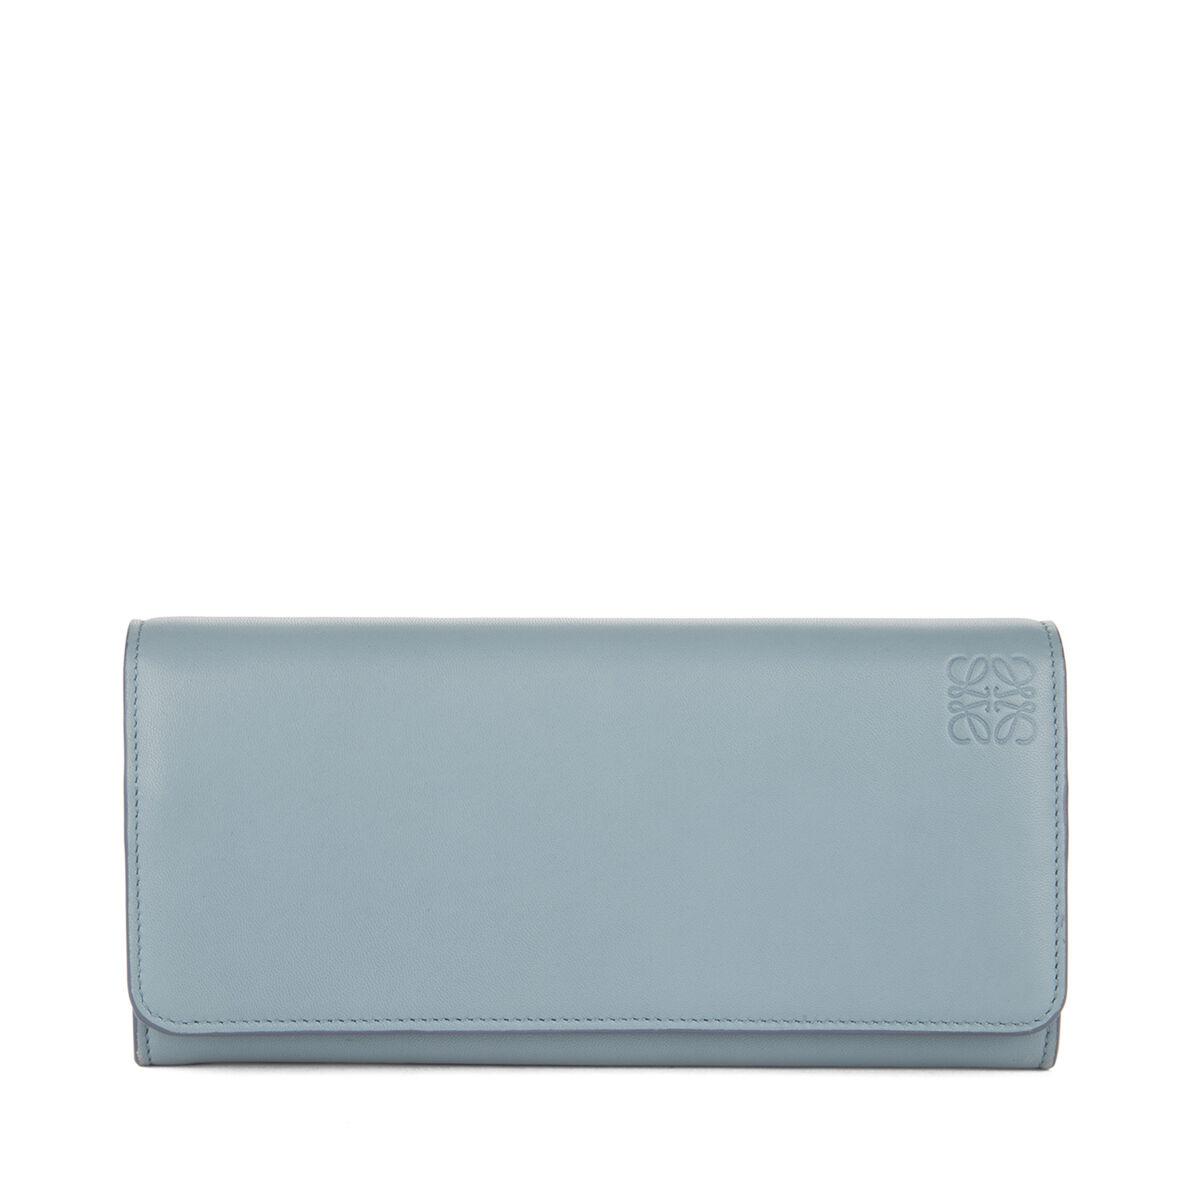 LOEWE Billetero Continental Azul Piedra/Marfil all